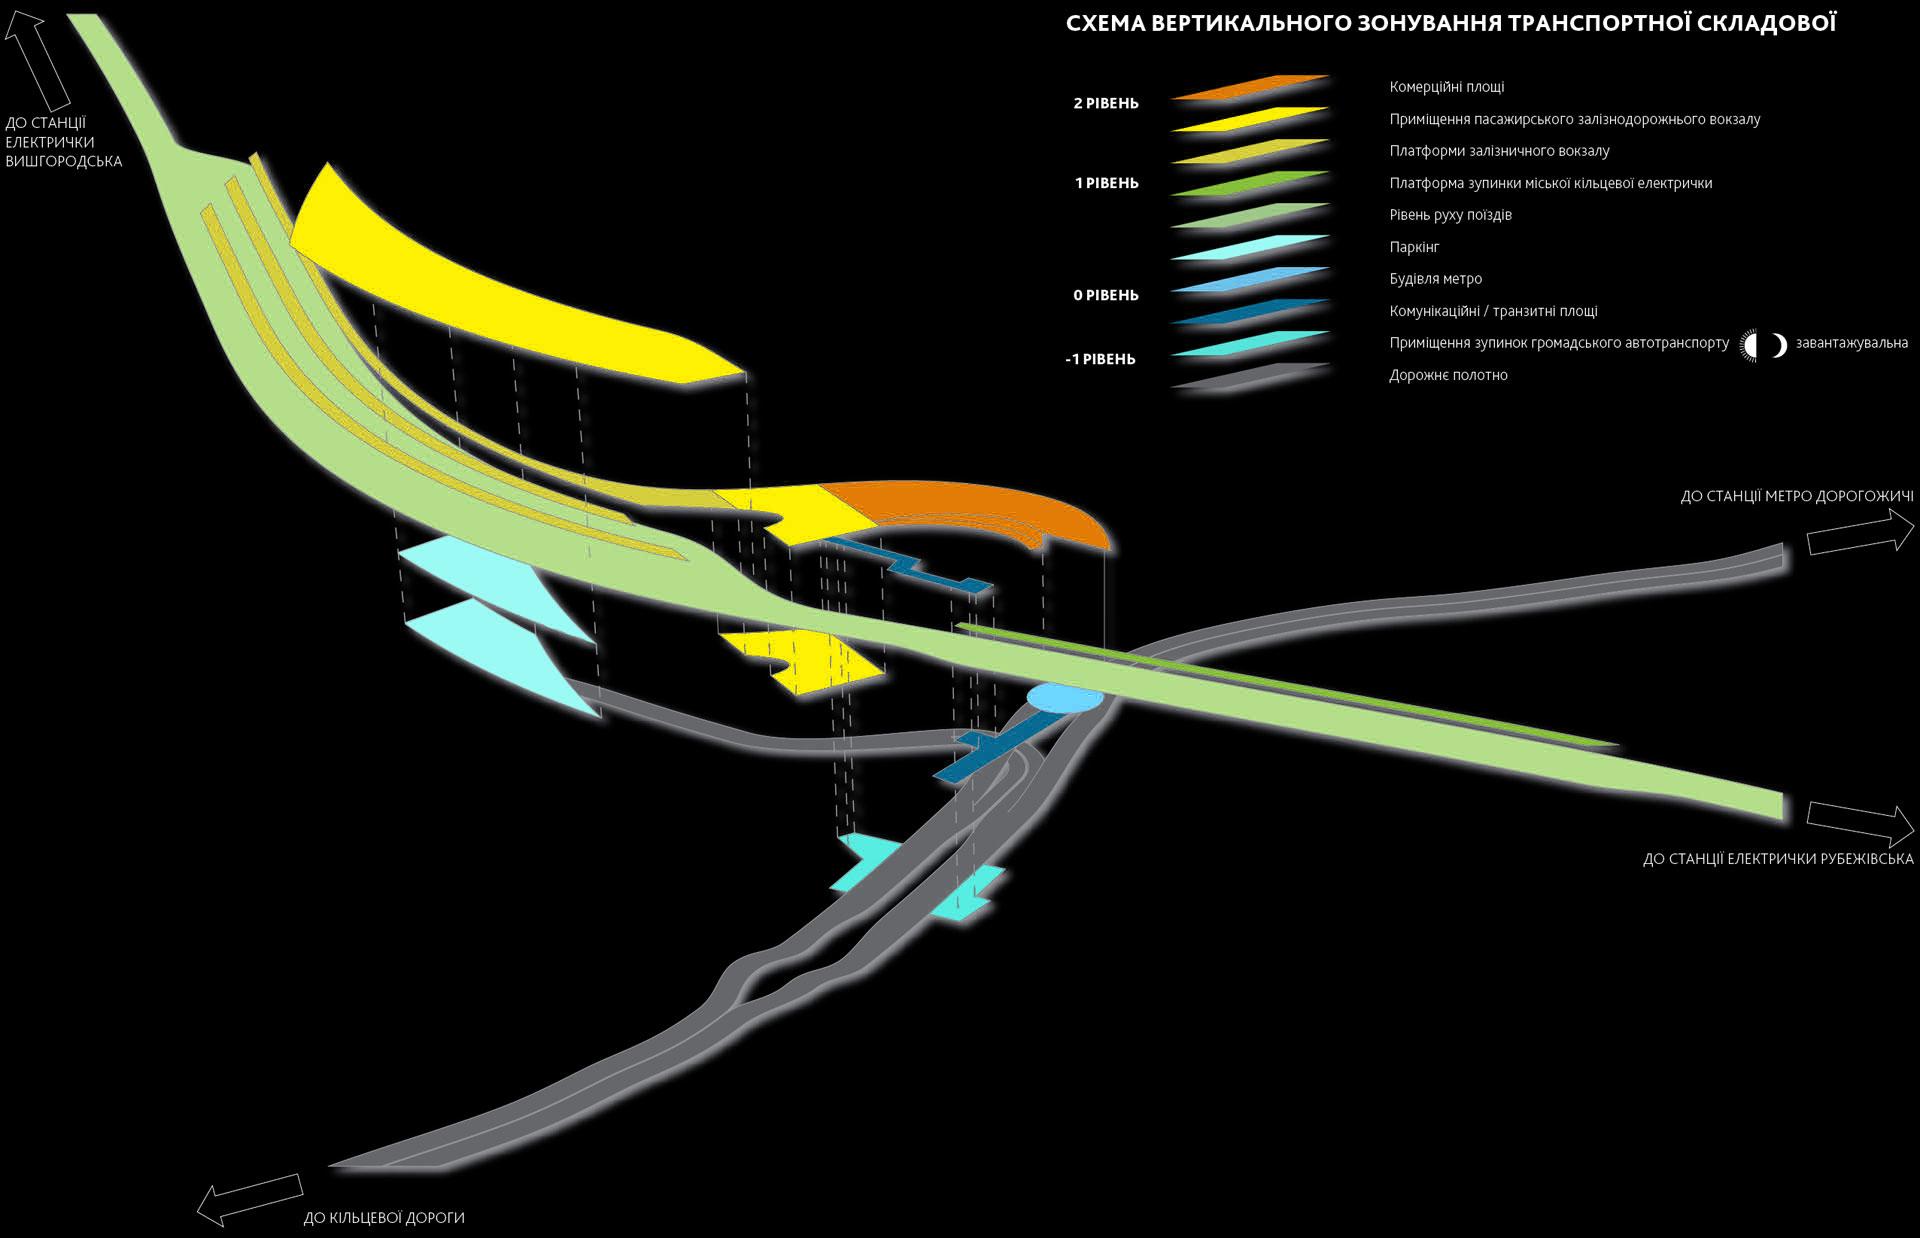 схема вертикального зонування транспортного вузла